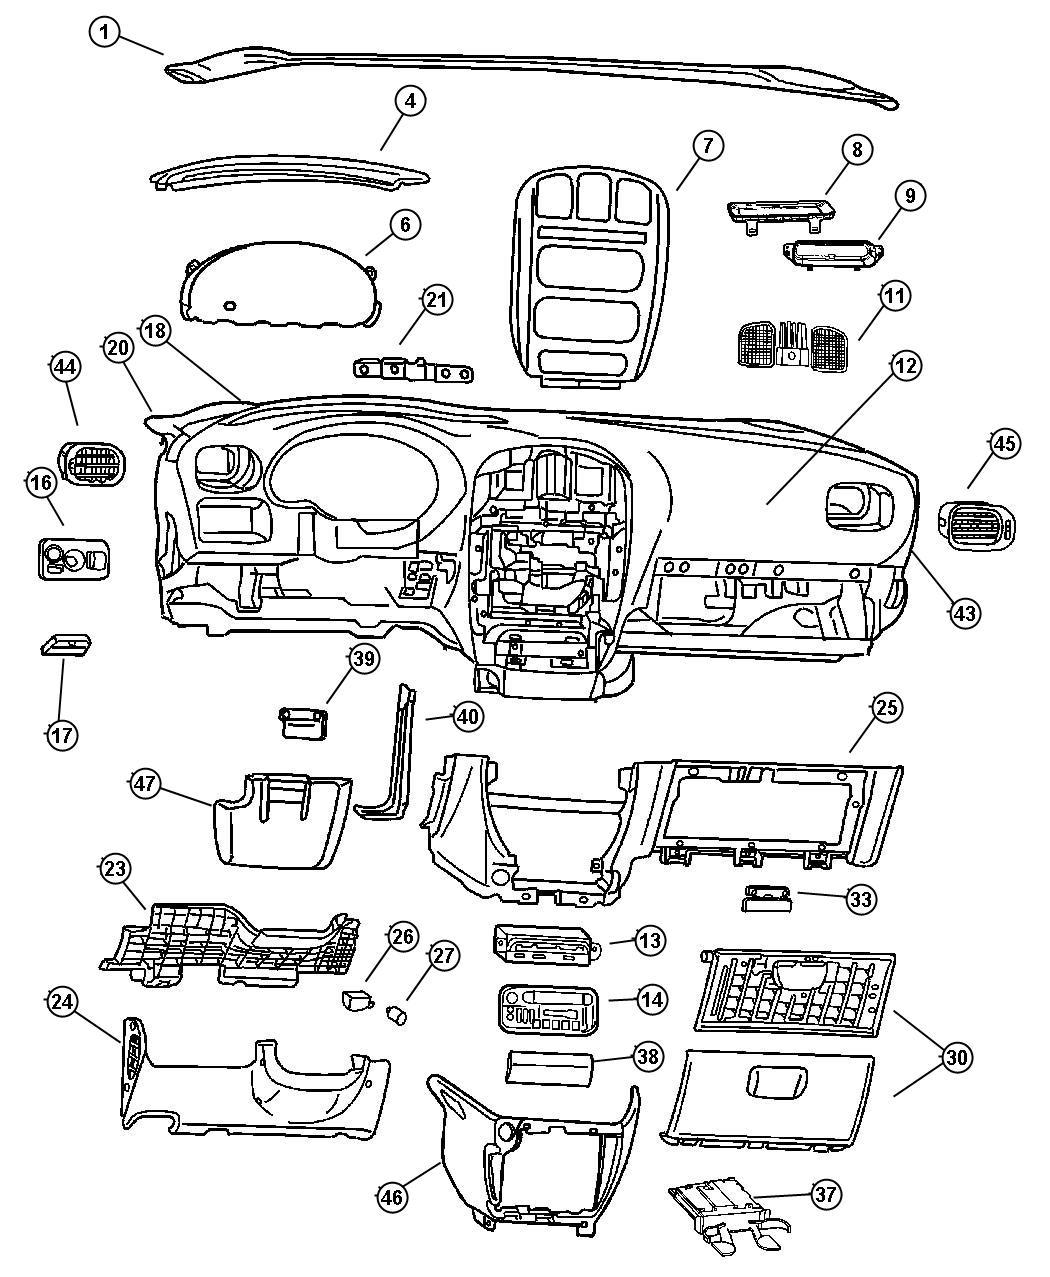 Dodge Intrepid Vacuum Diagram. Dodge. Wiring Diagram Gallery